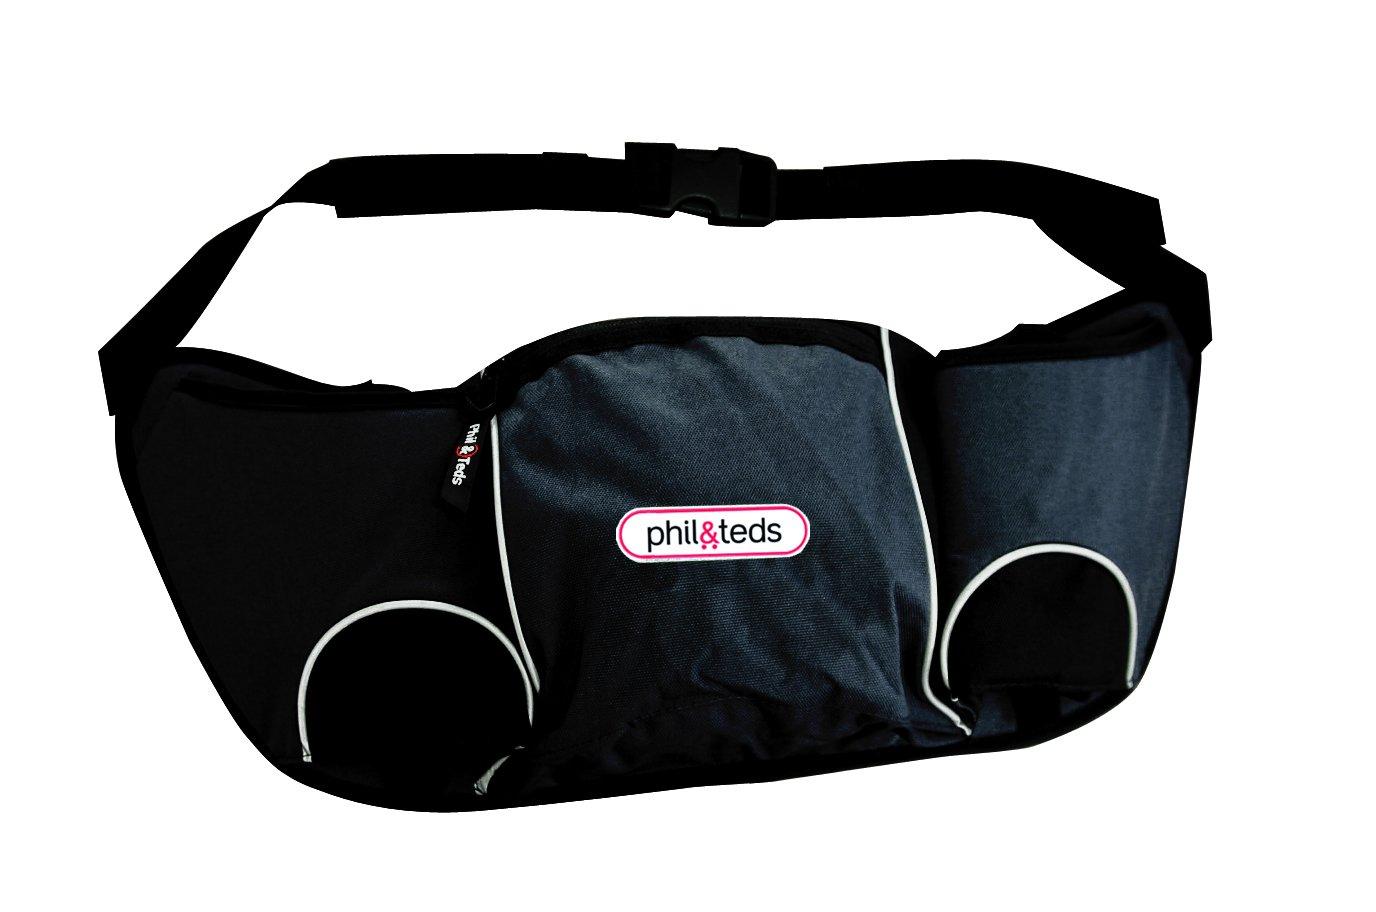 phil&teds Stroller Handle Hang Bag and Bottle Holder, Black